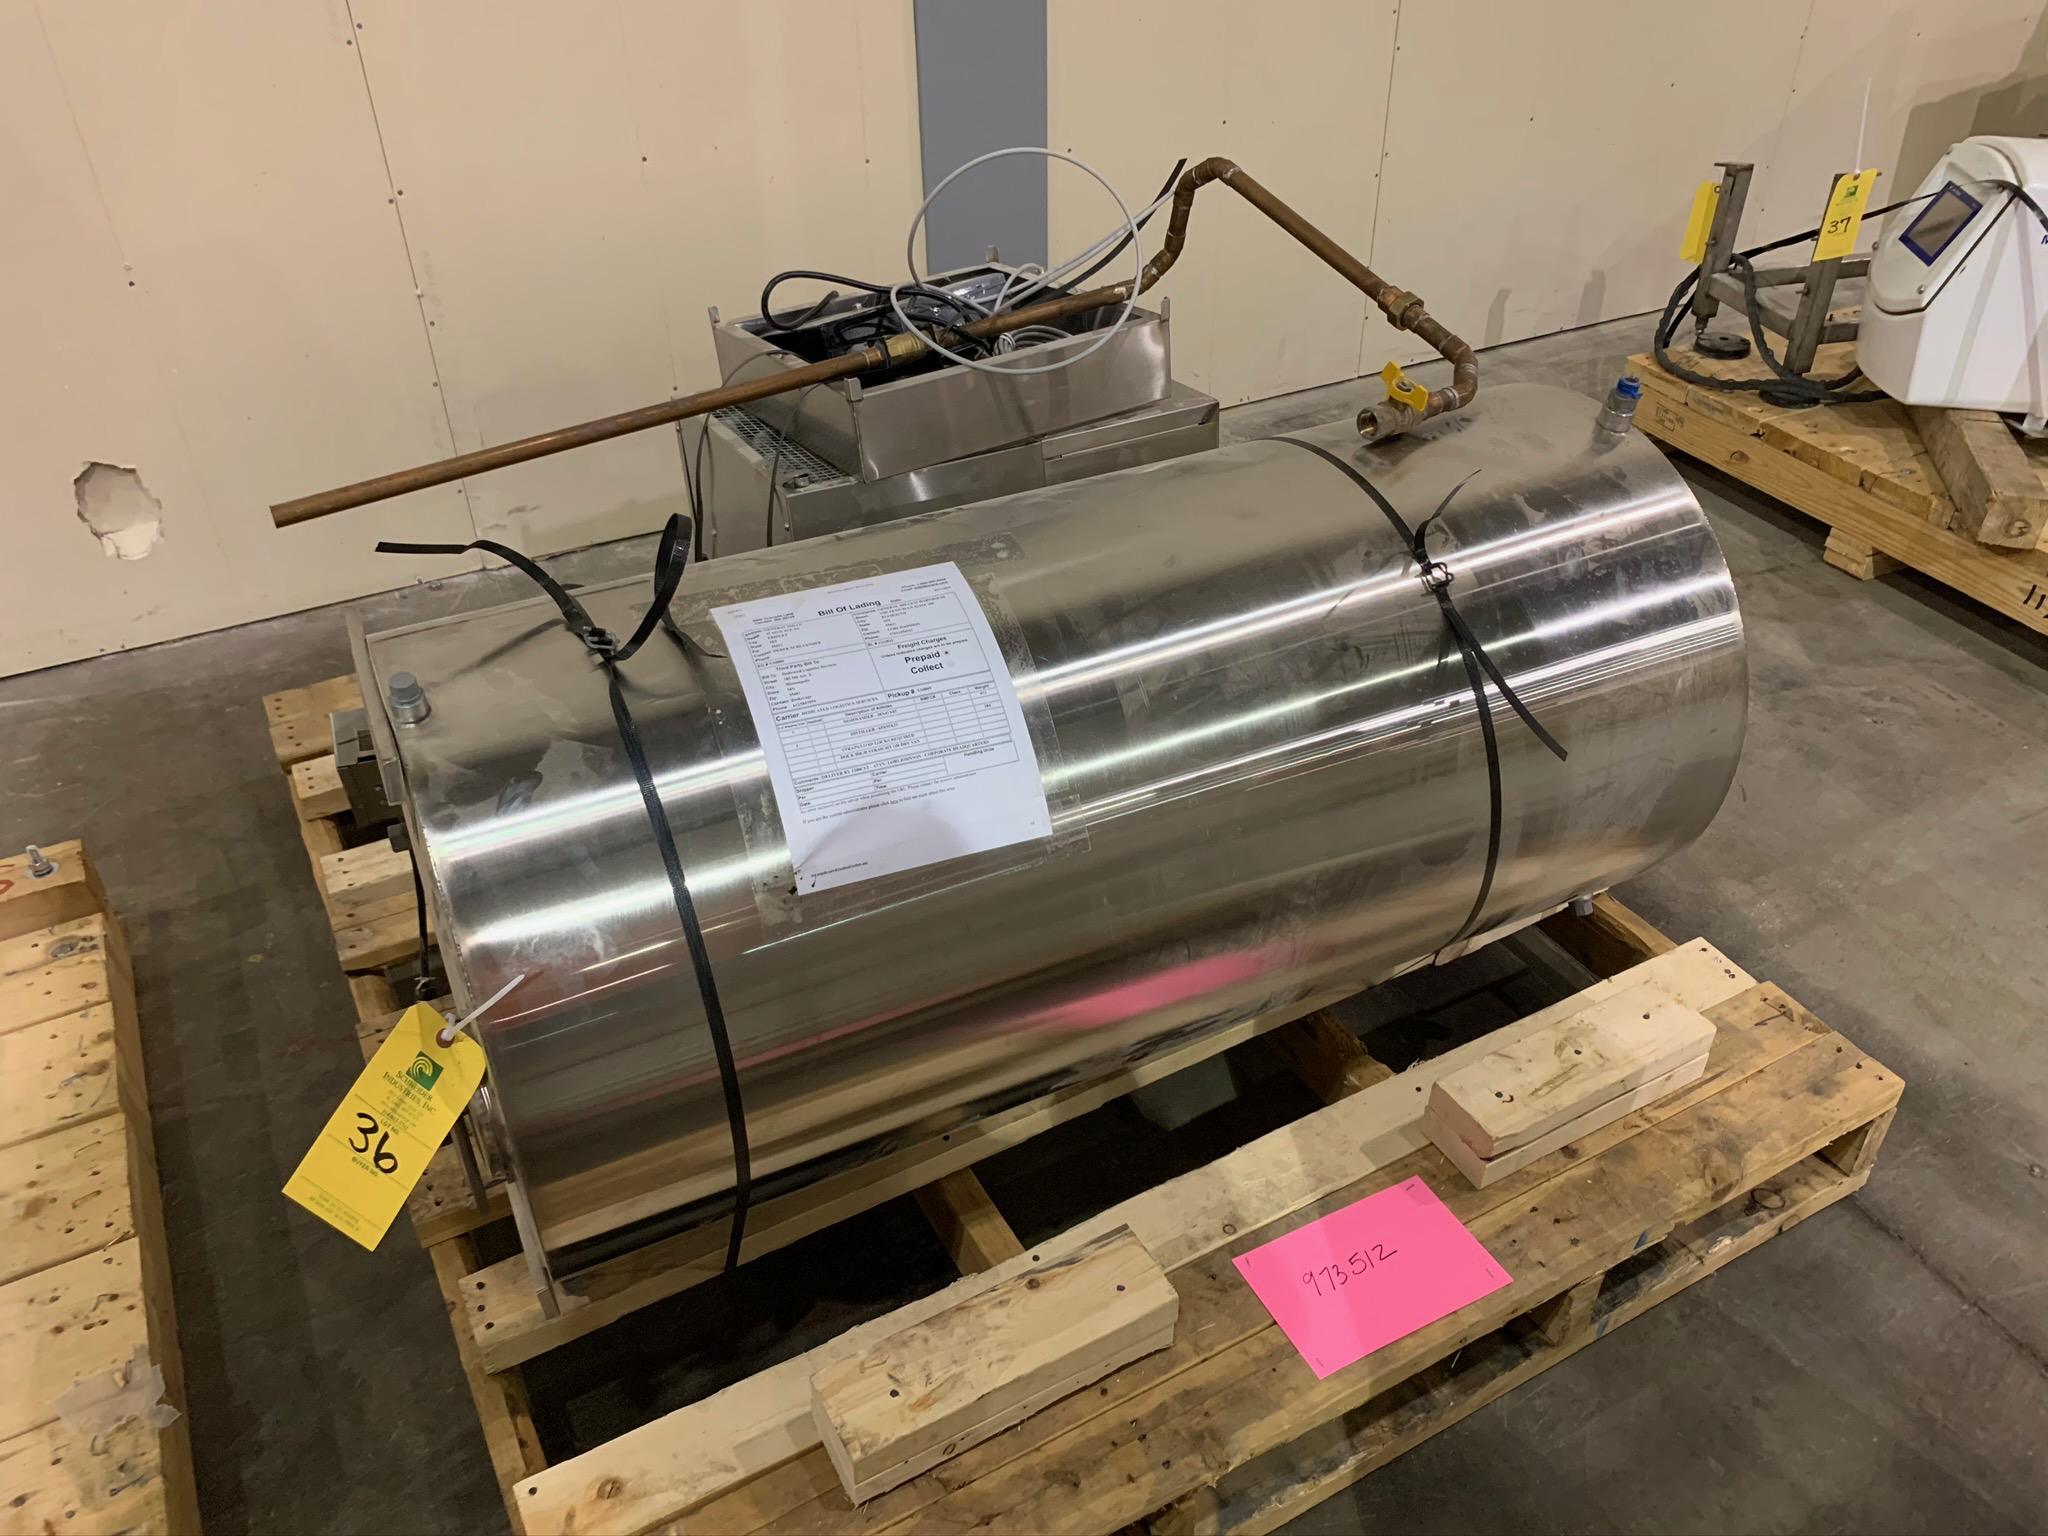 Durastill Water Distiller Model 42CJ14 S/N 100699 (Rigging Fee - $75)